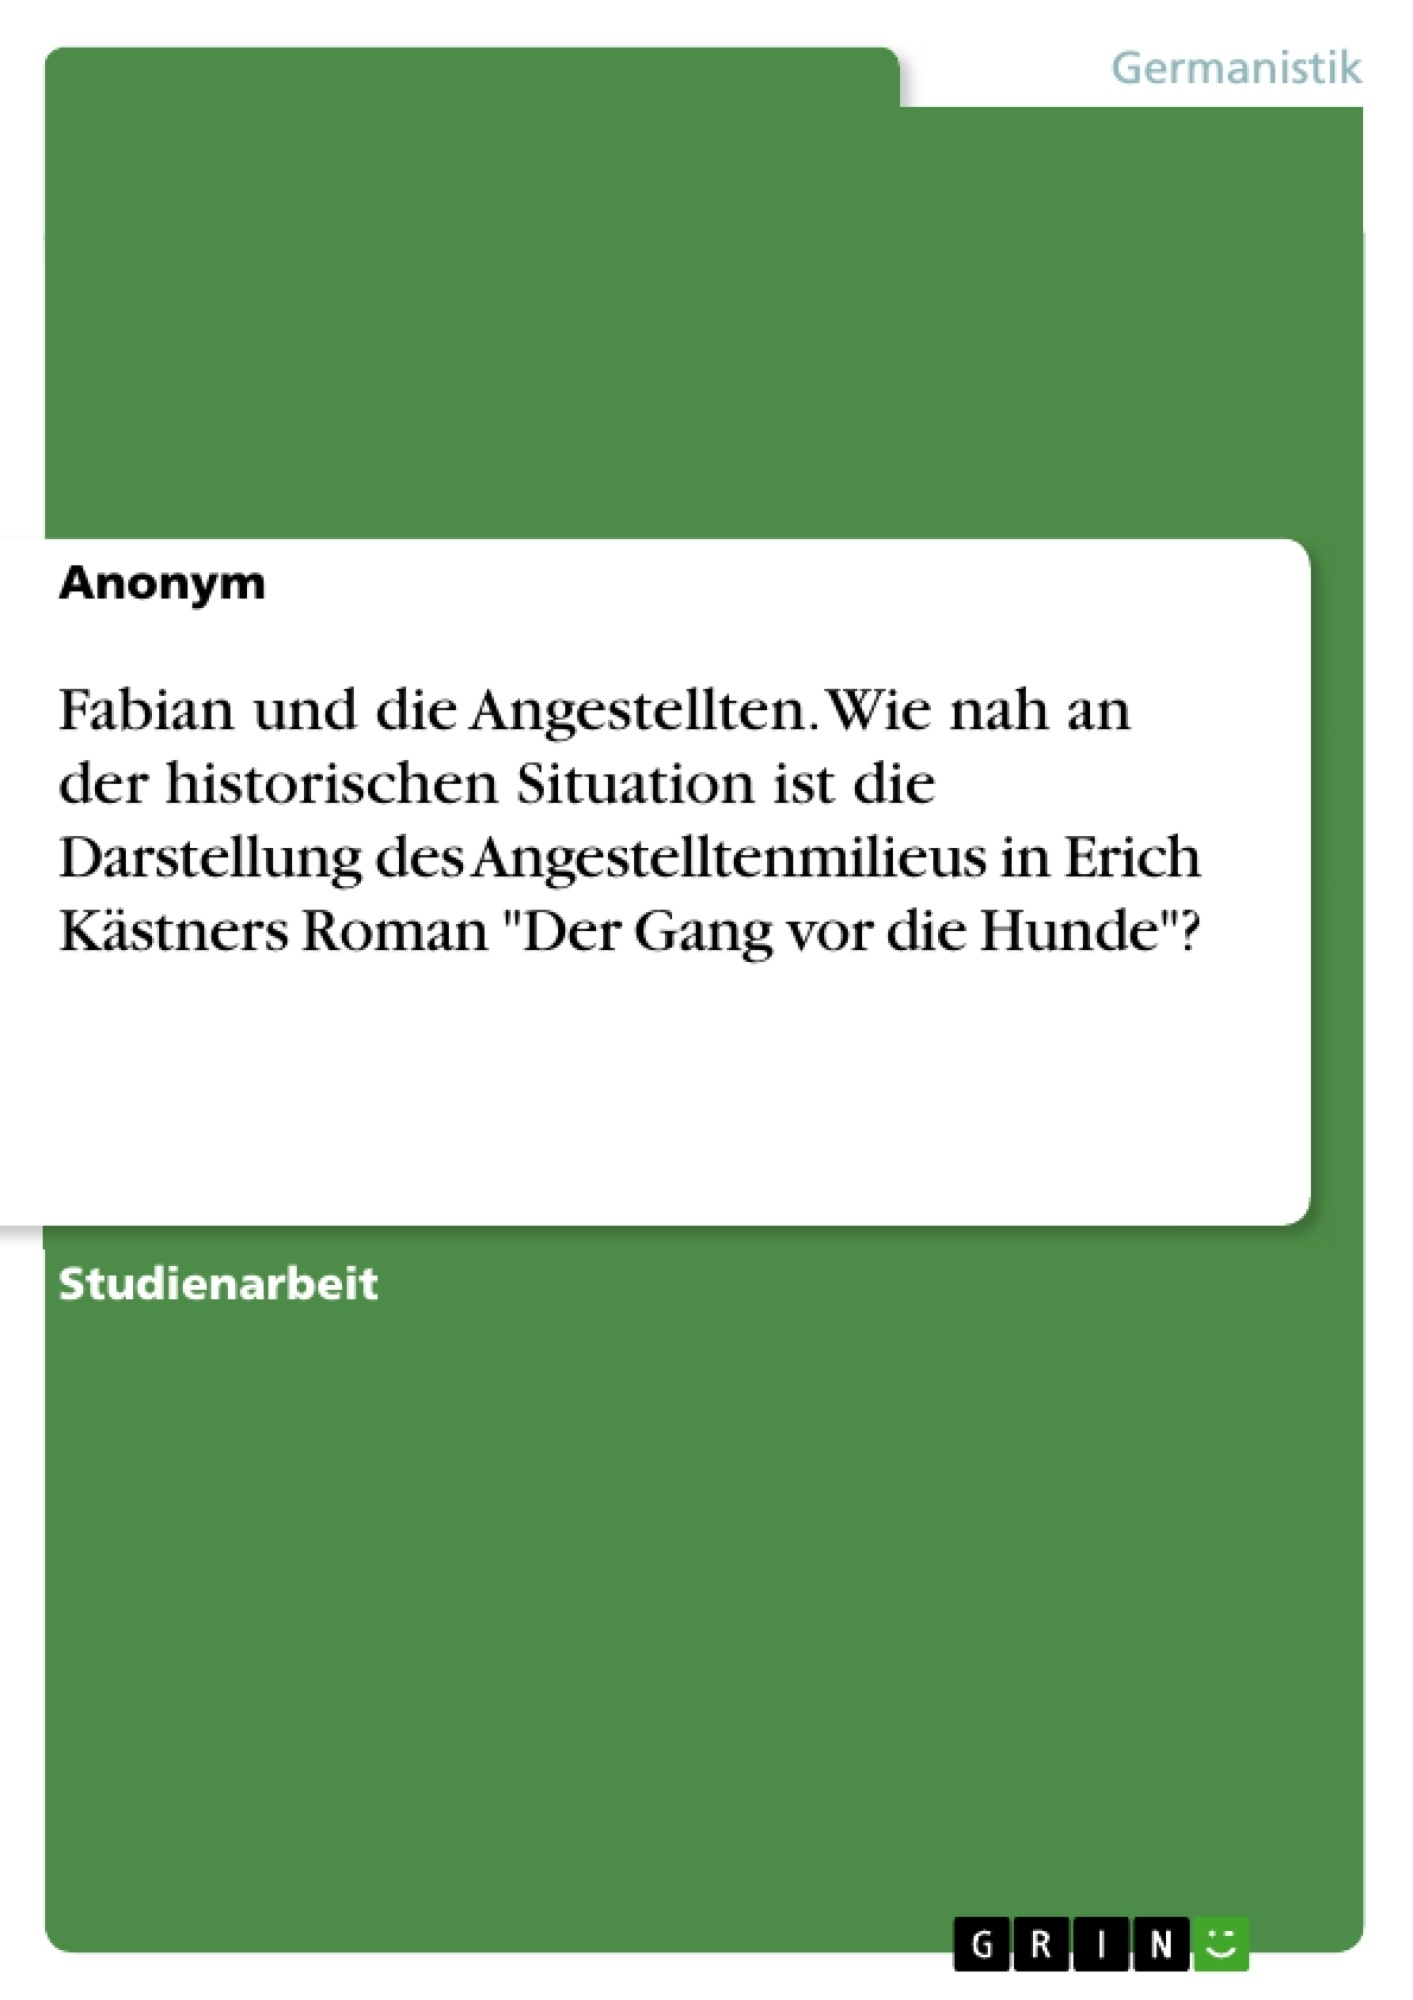 """Titel: Fabian und die Angestellten. Wie nah an der historischen Situation ist die Darstellung des Angestelltenmilieus in Erich Kästners Roman """"Der Gang vor die Hunde""""?"""